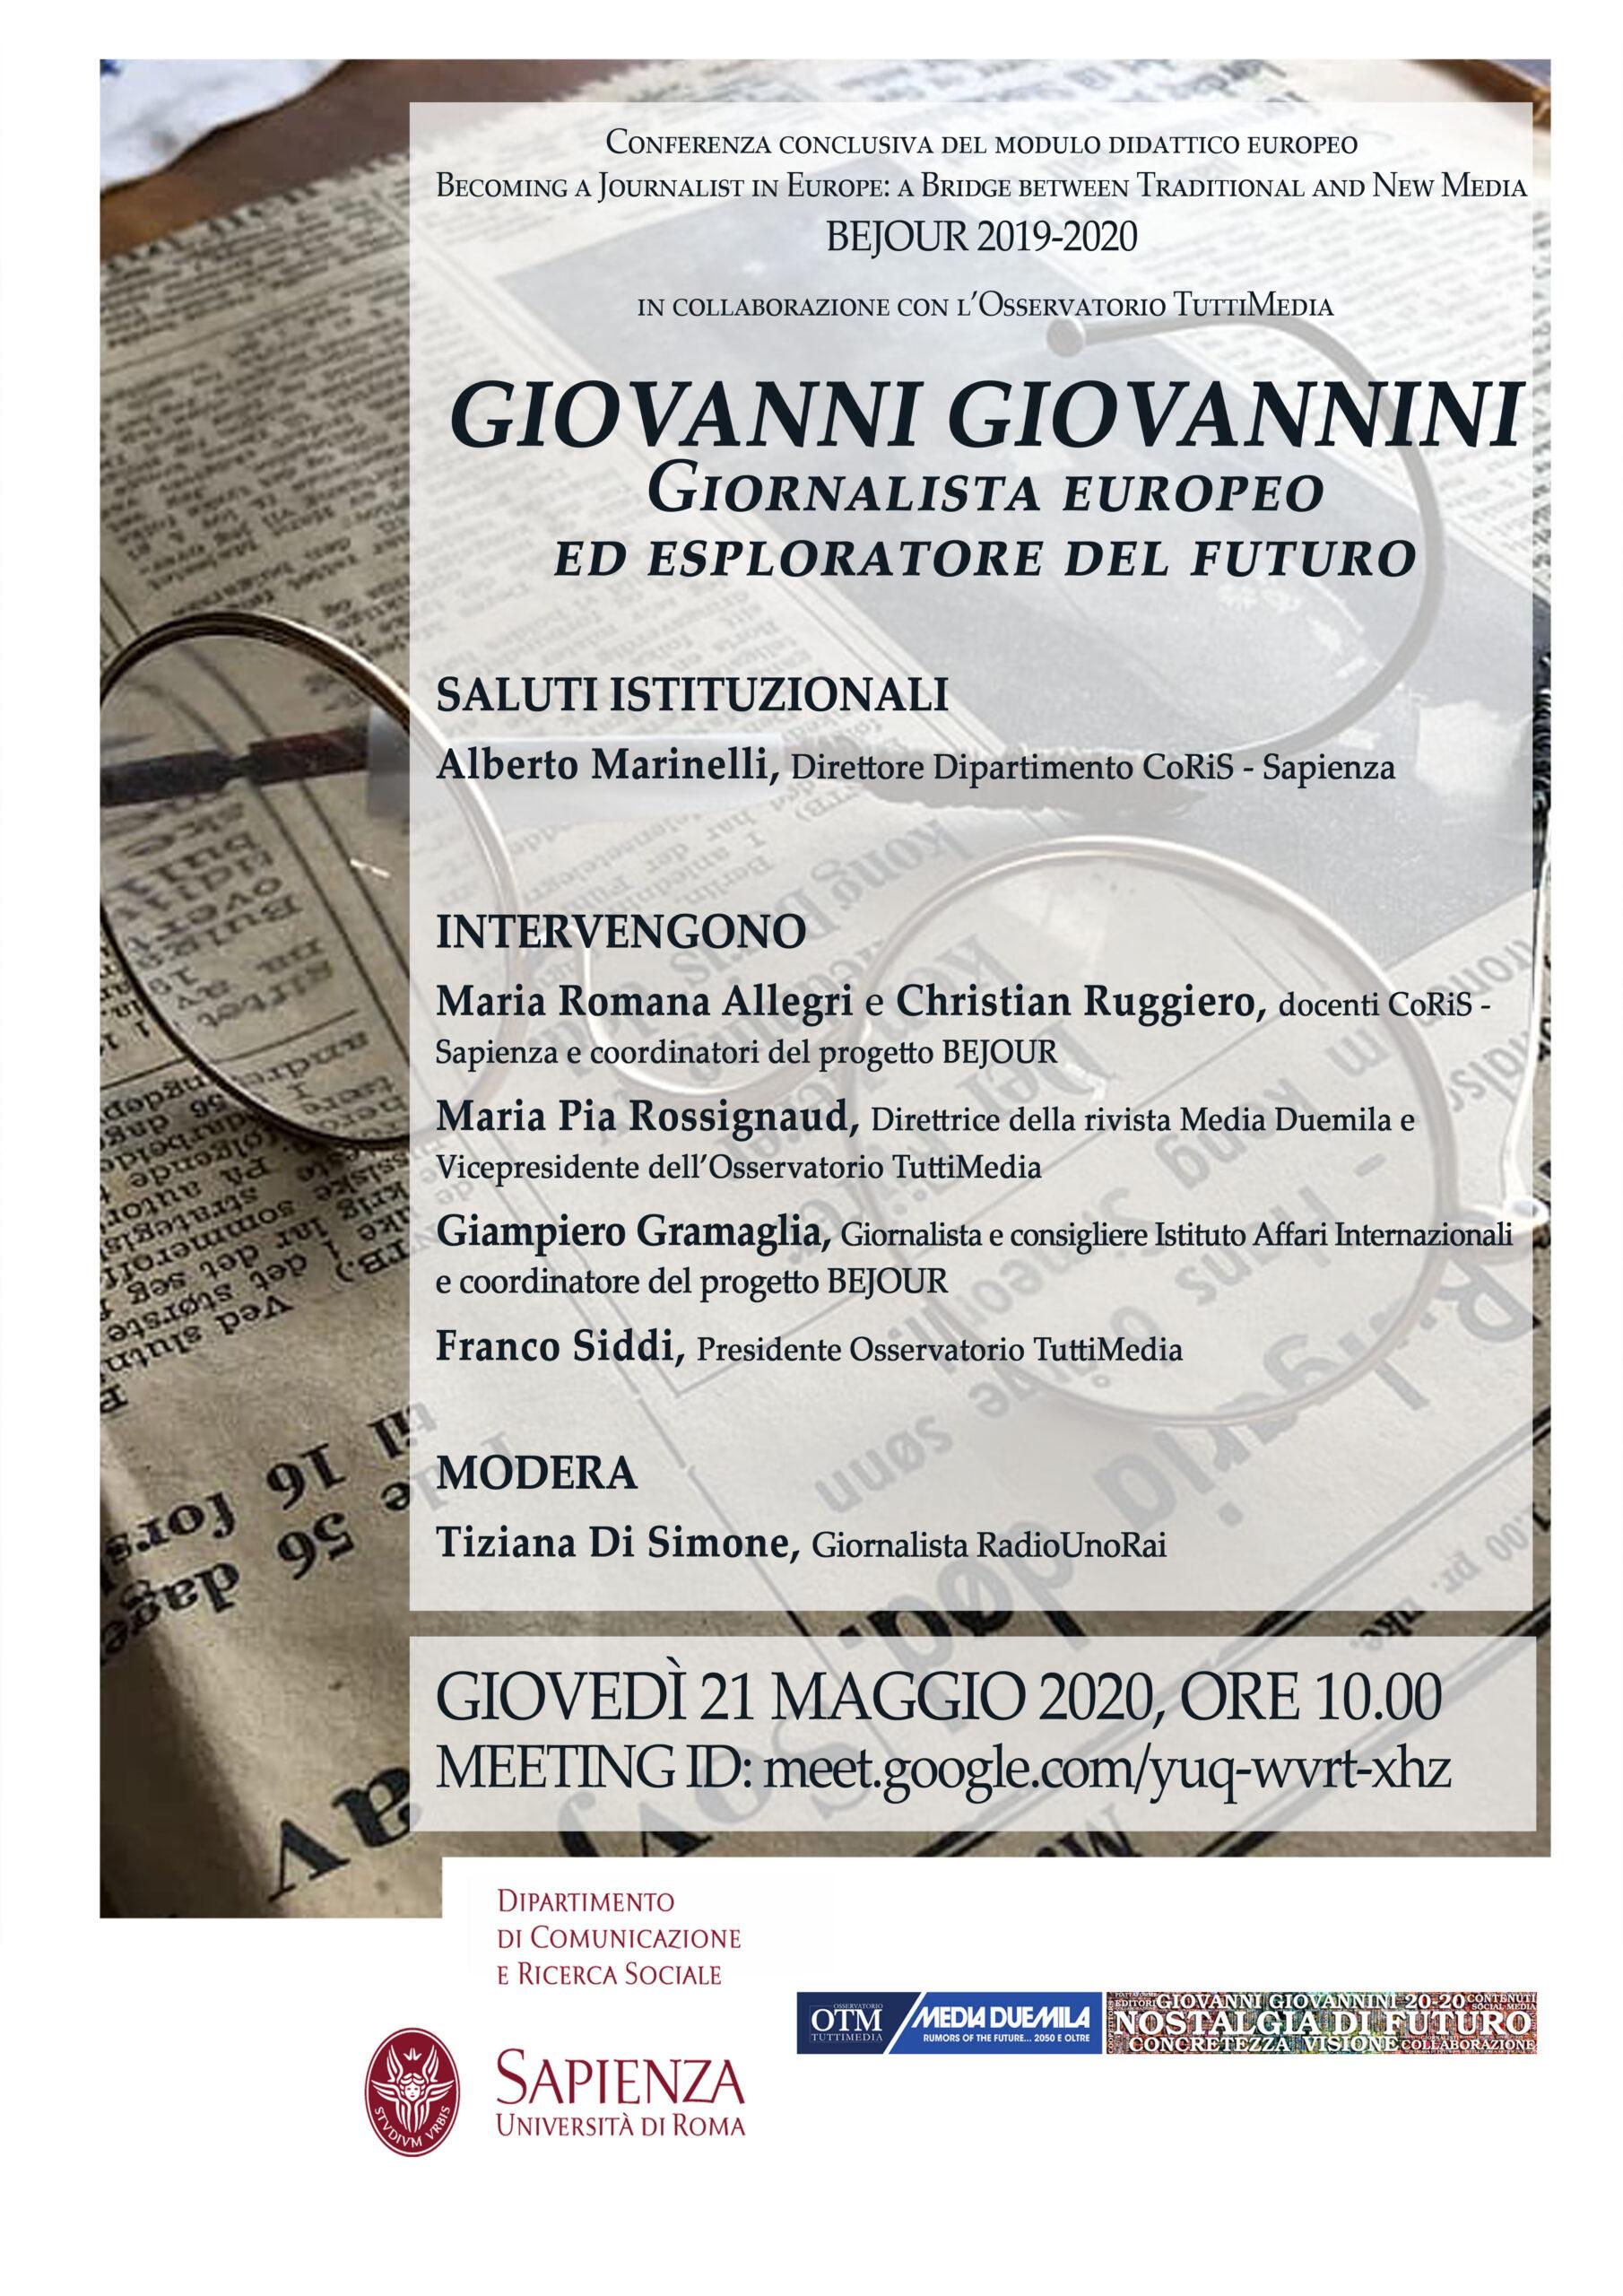 Giovanni Giovannini